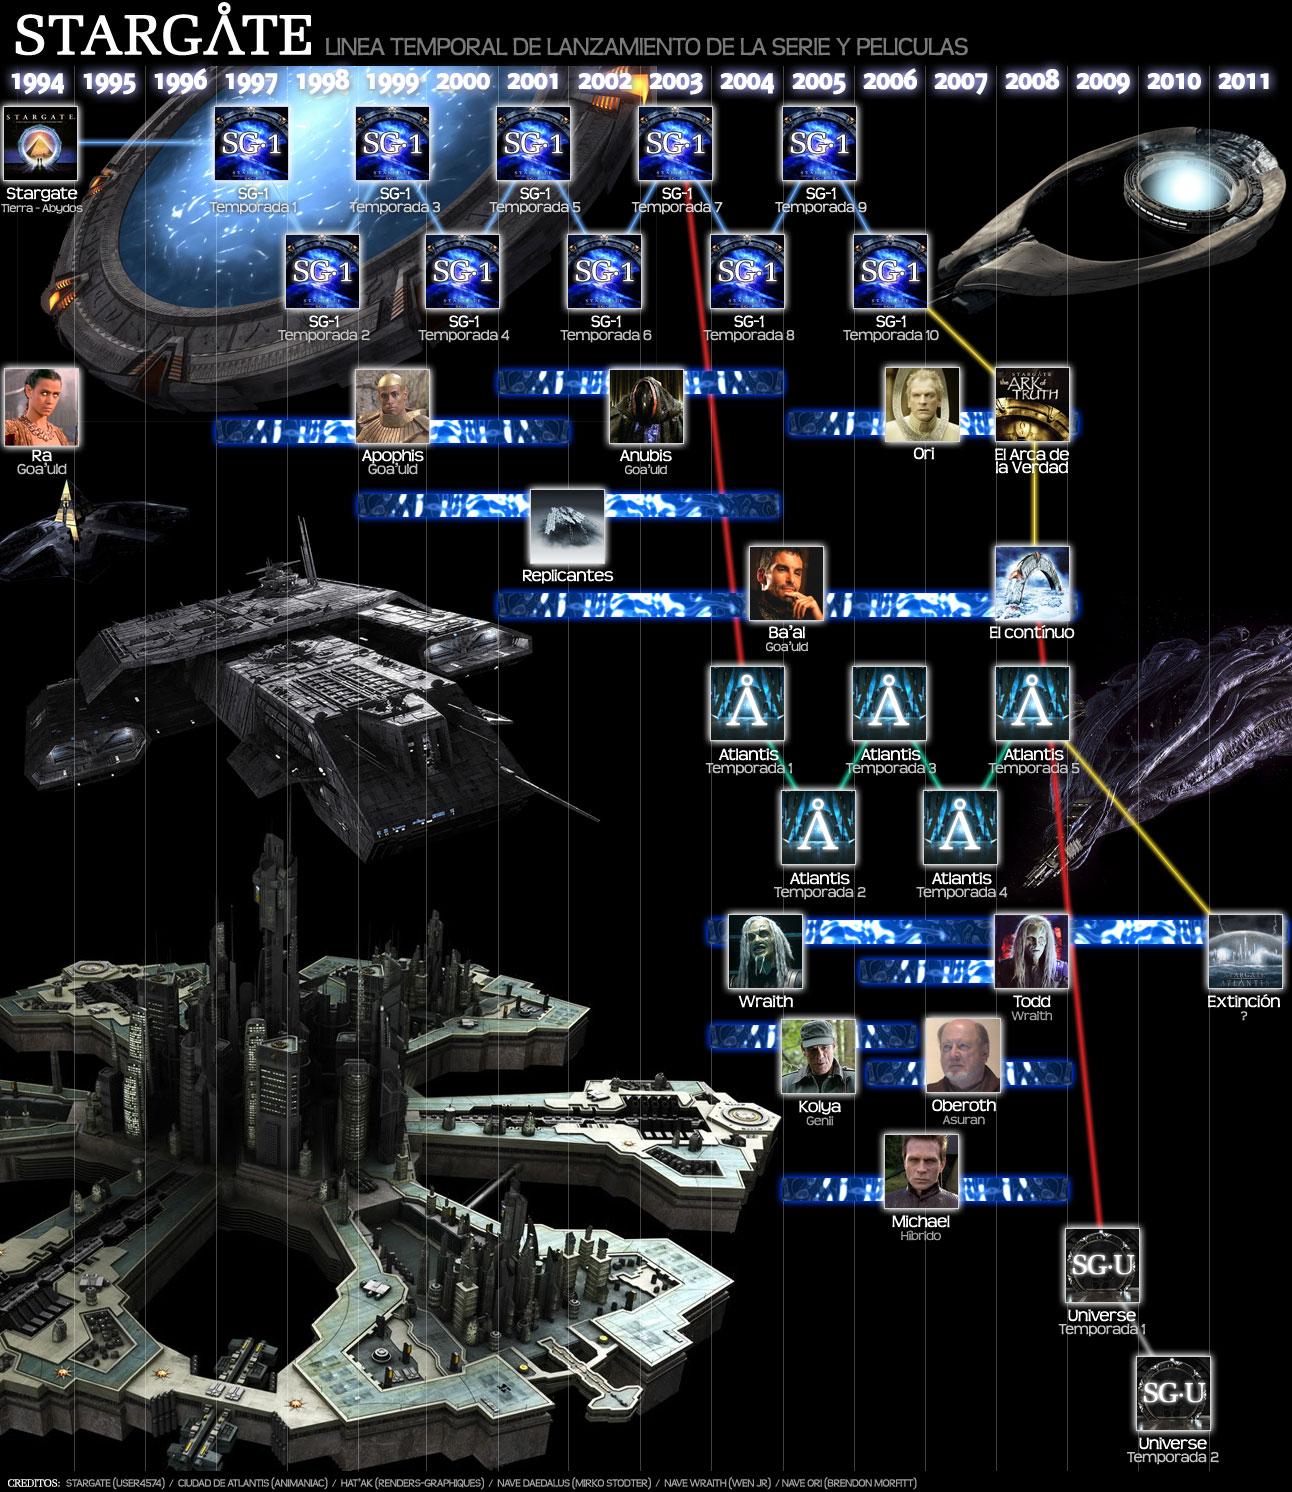 stargate-timeline.jpg